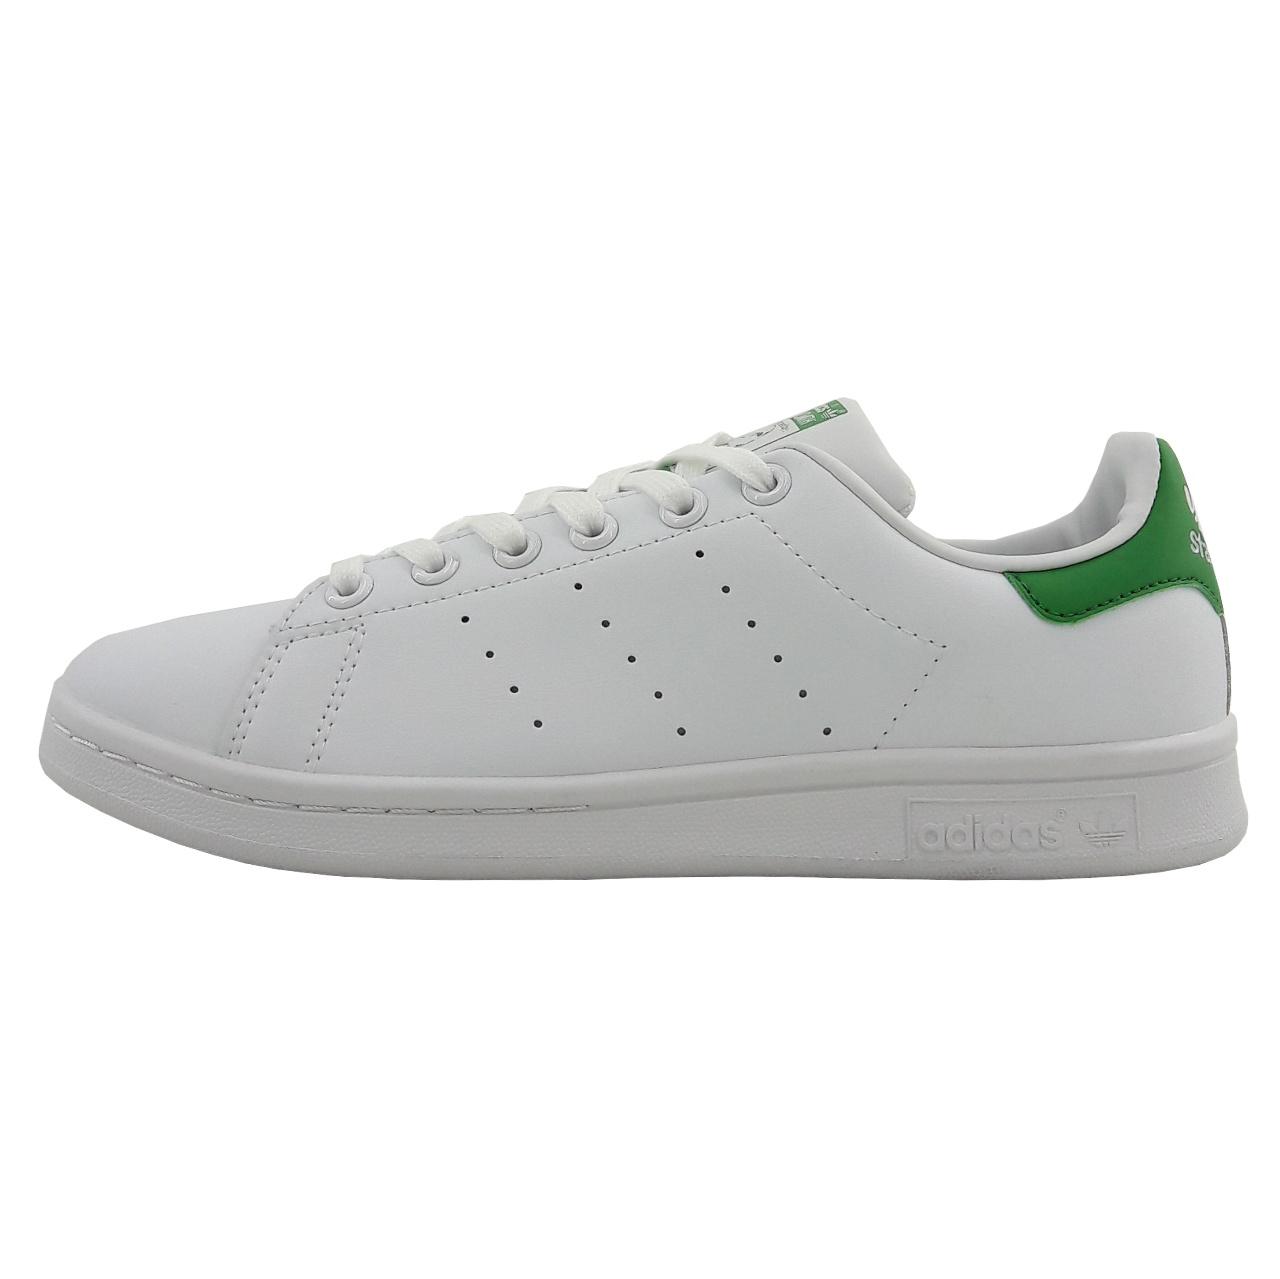 کفش راحتی مردانه آدیداس مدل Stan smith m20324